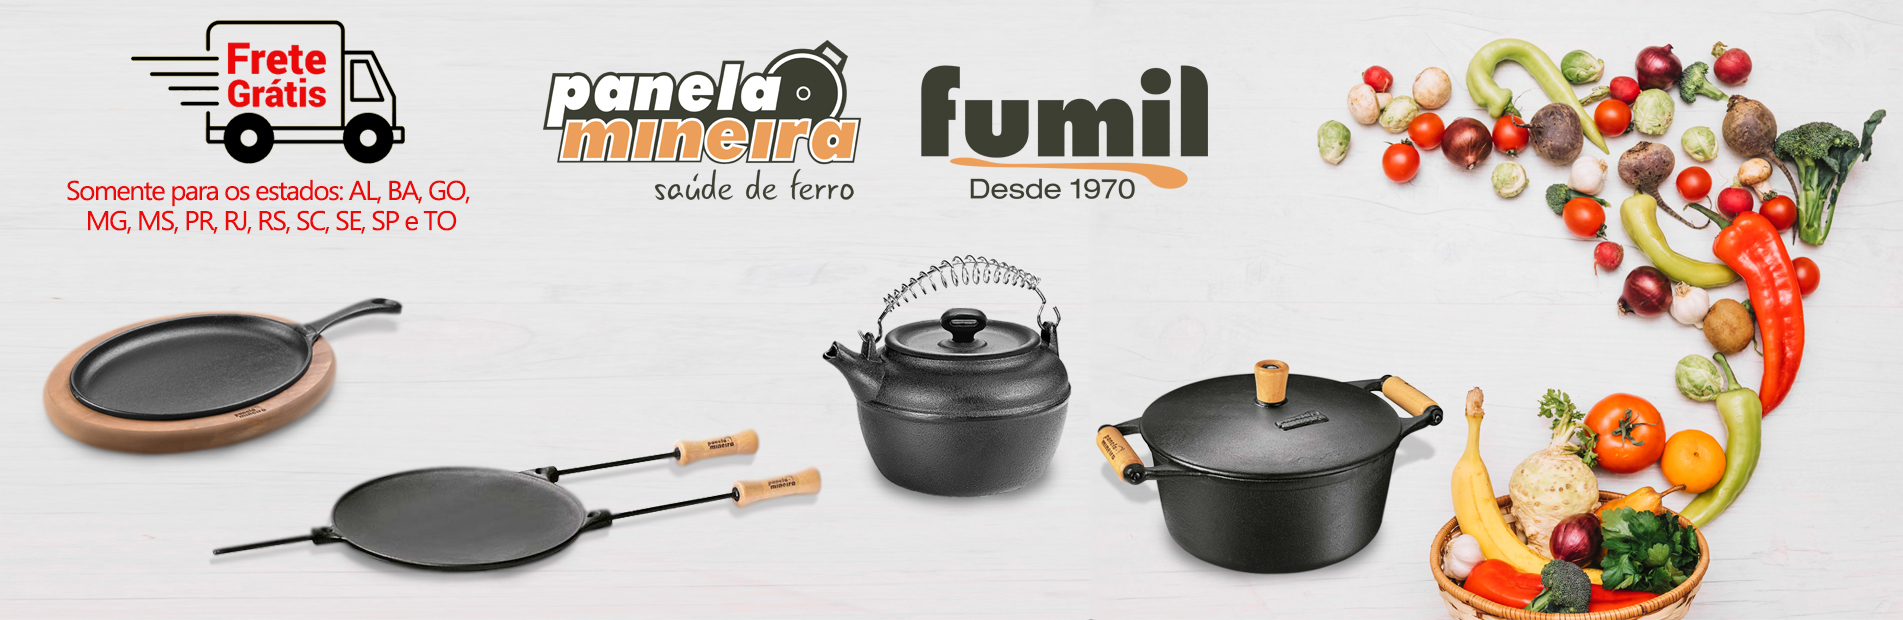 Fumill